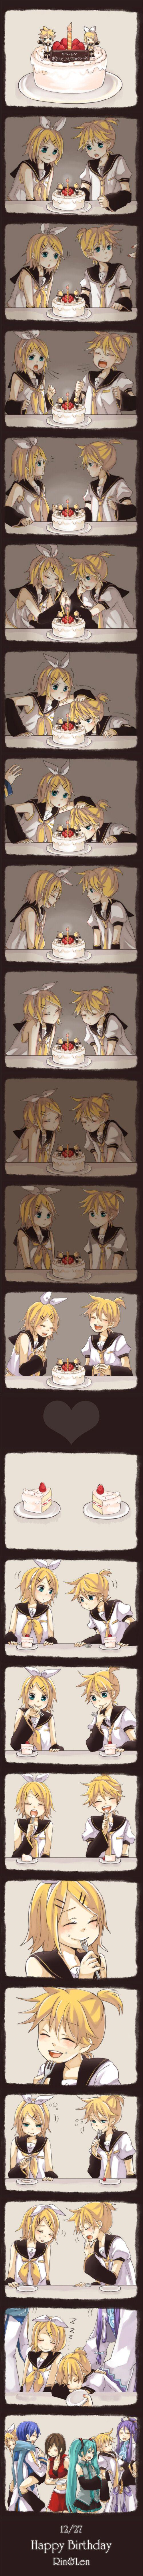 Cumpleaños de rin y len